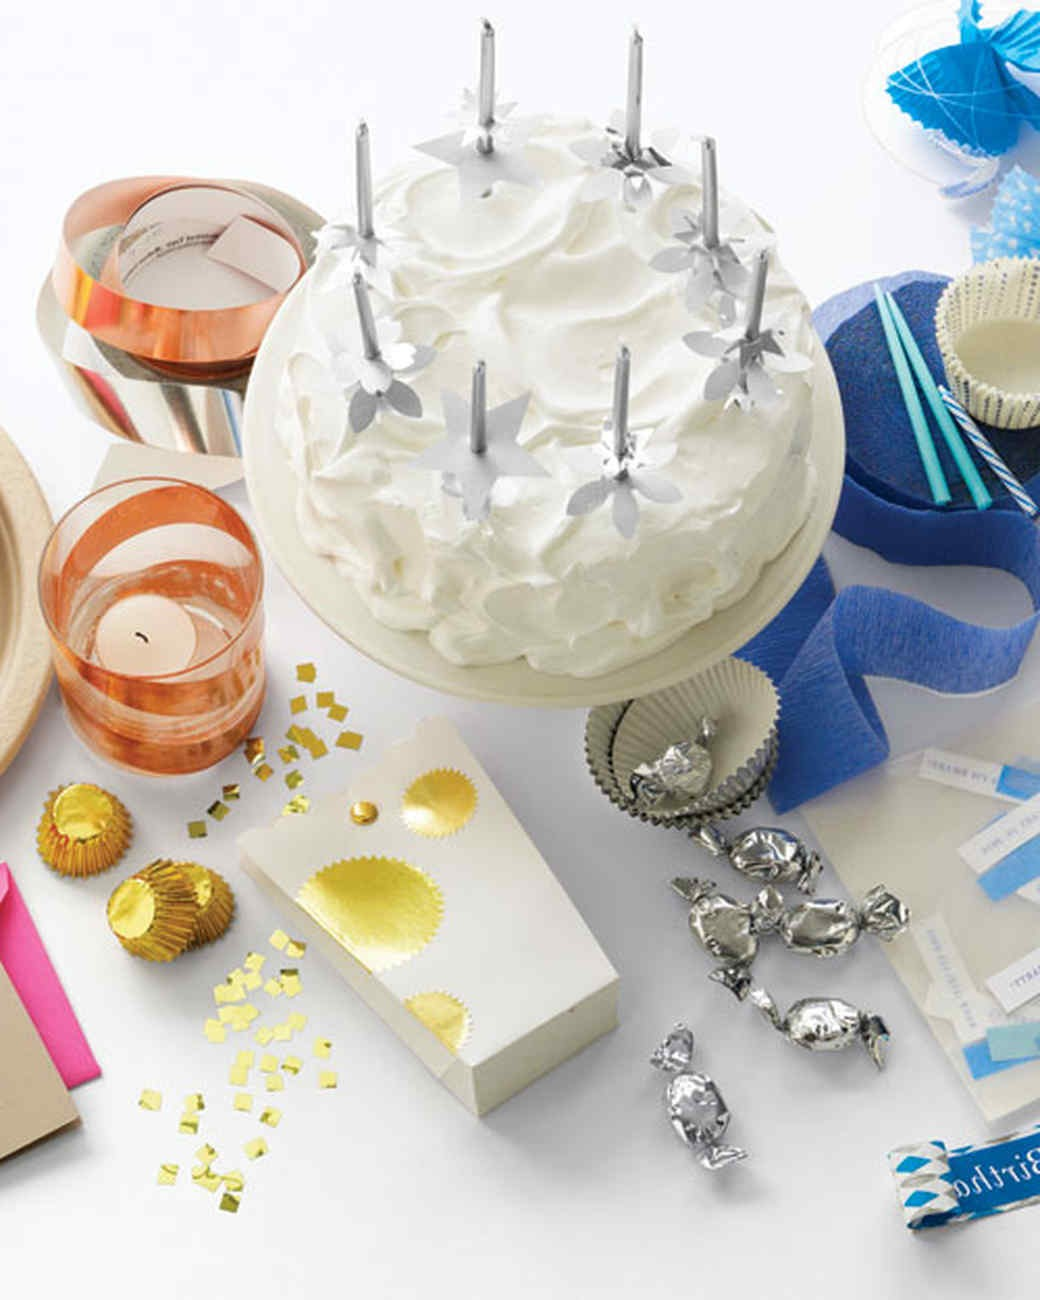 Les gâteaux font le bonheur de tous, même des adultes, alors utilisez-les dans la décoration de la table. Cela fera n'importe quel homme le jour de son anniversaire.